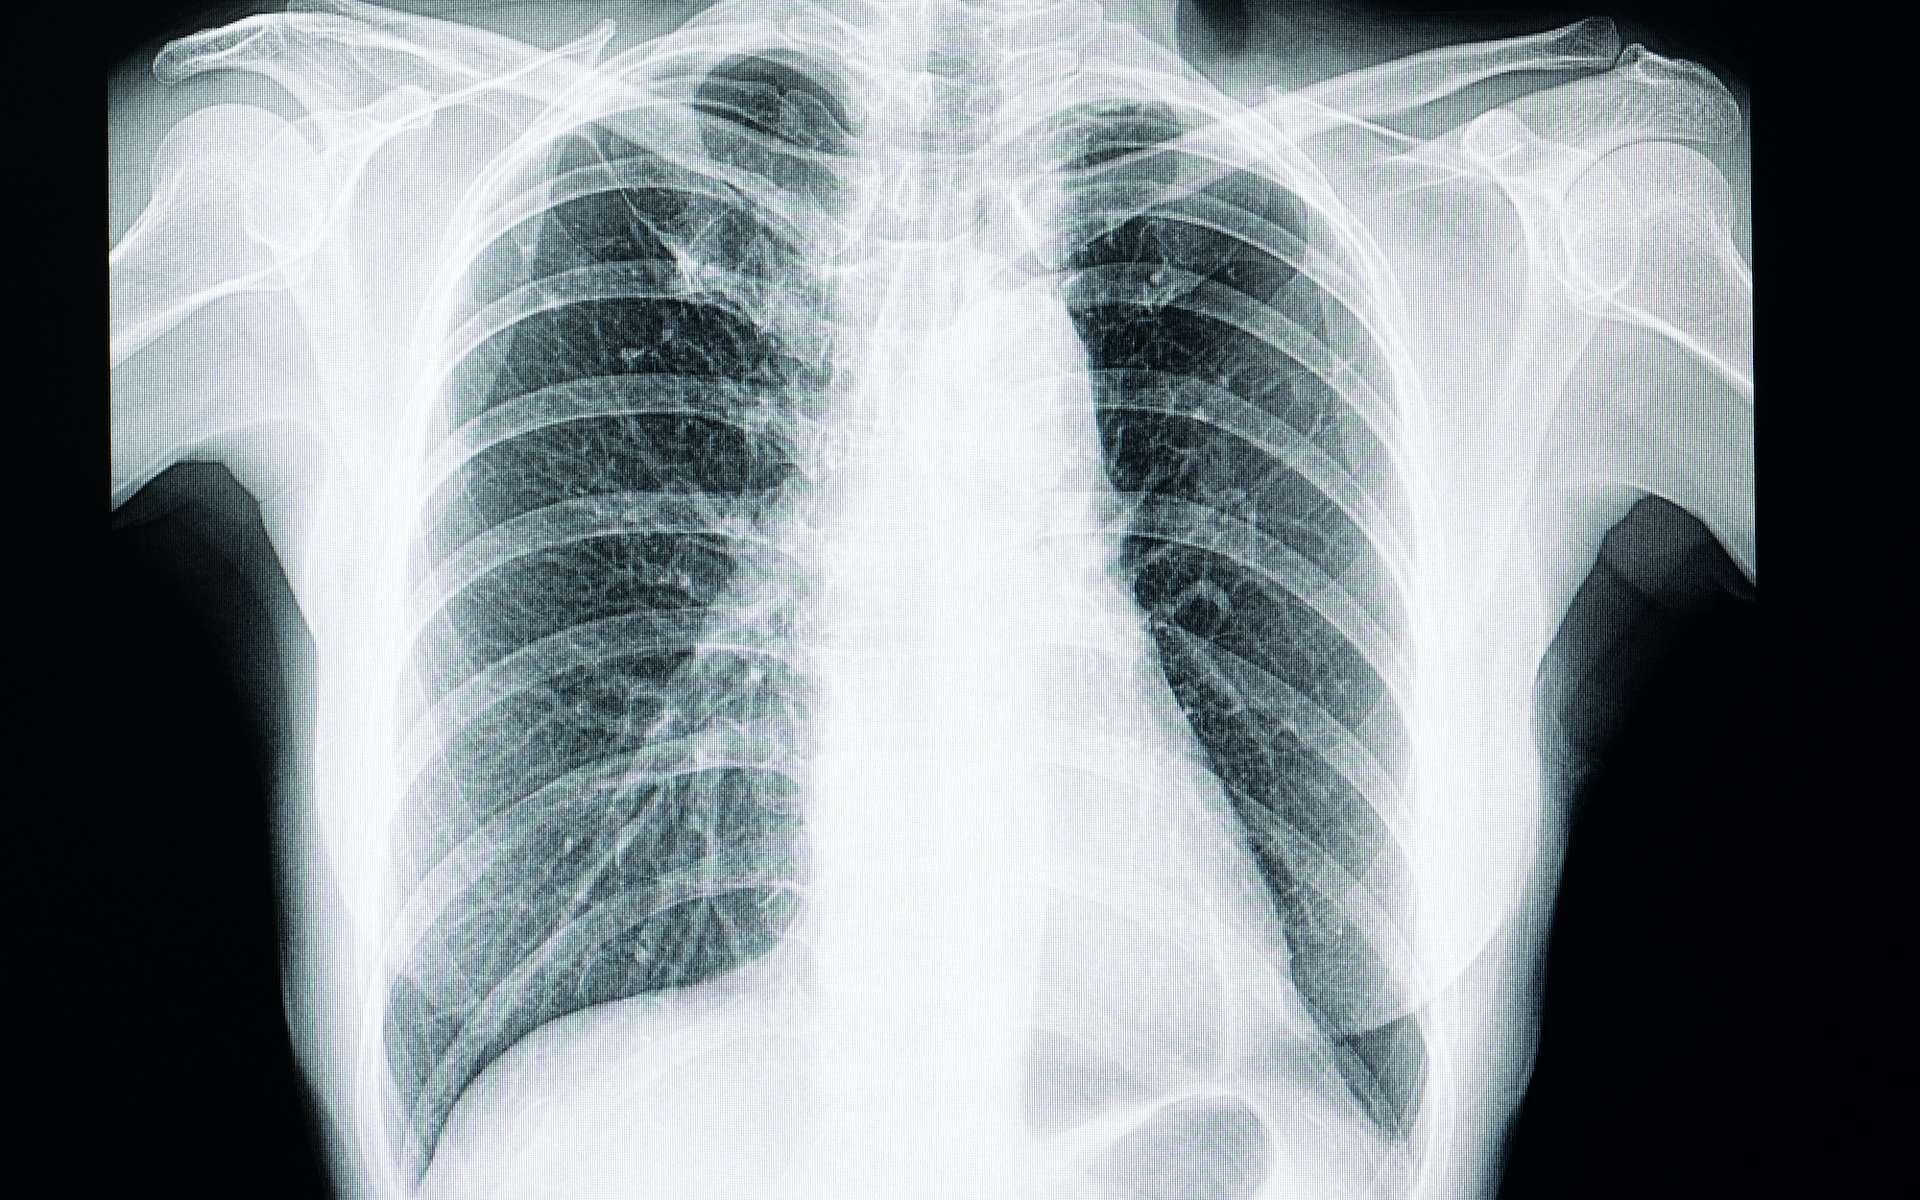 Le mésothéliome est un cancer de la plèvre principalement lié à une exposition à l'amiante. © SOPONE, Adobe Stock